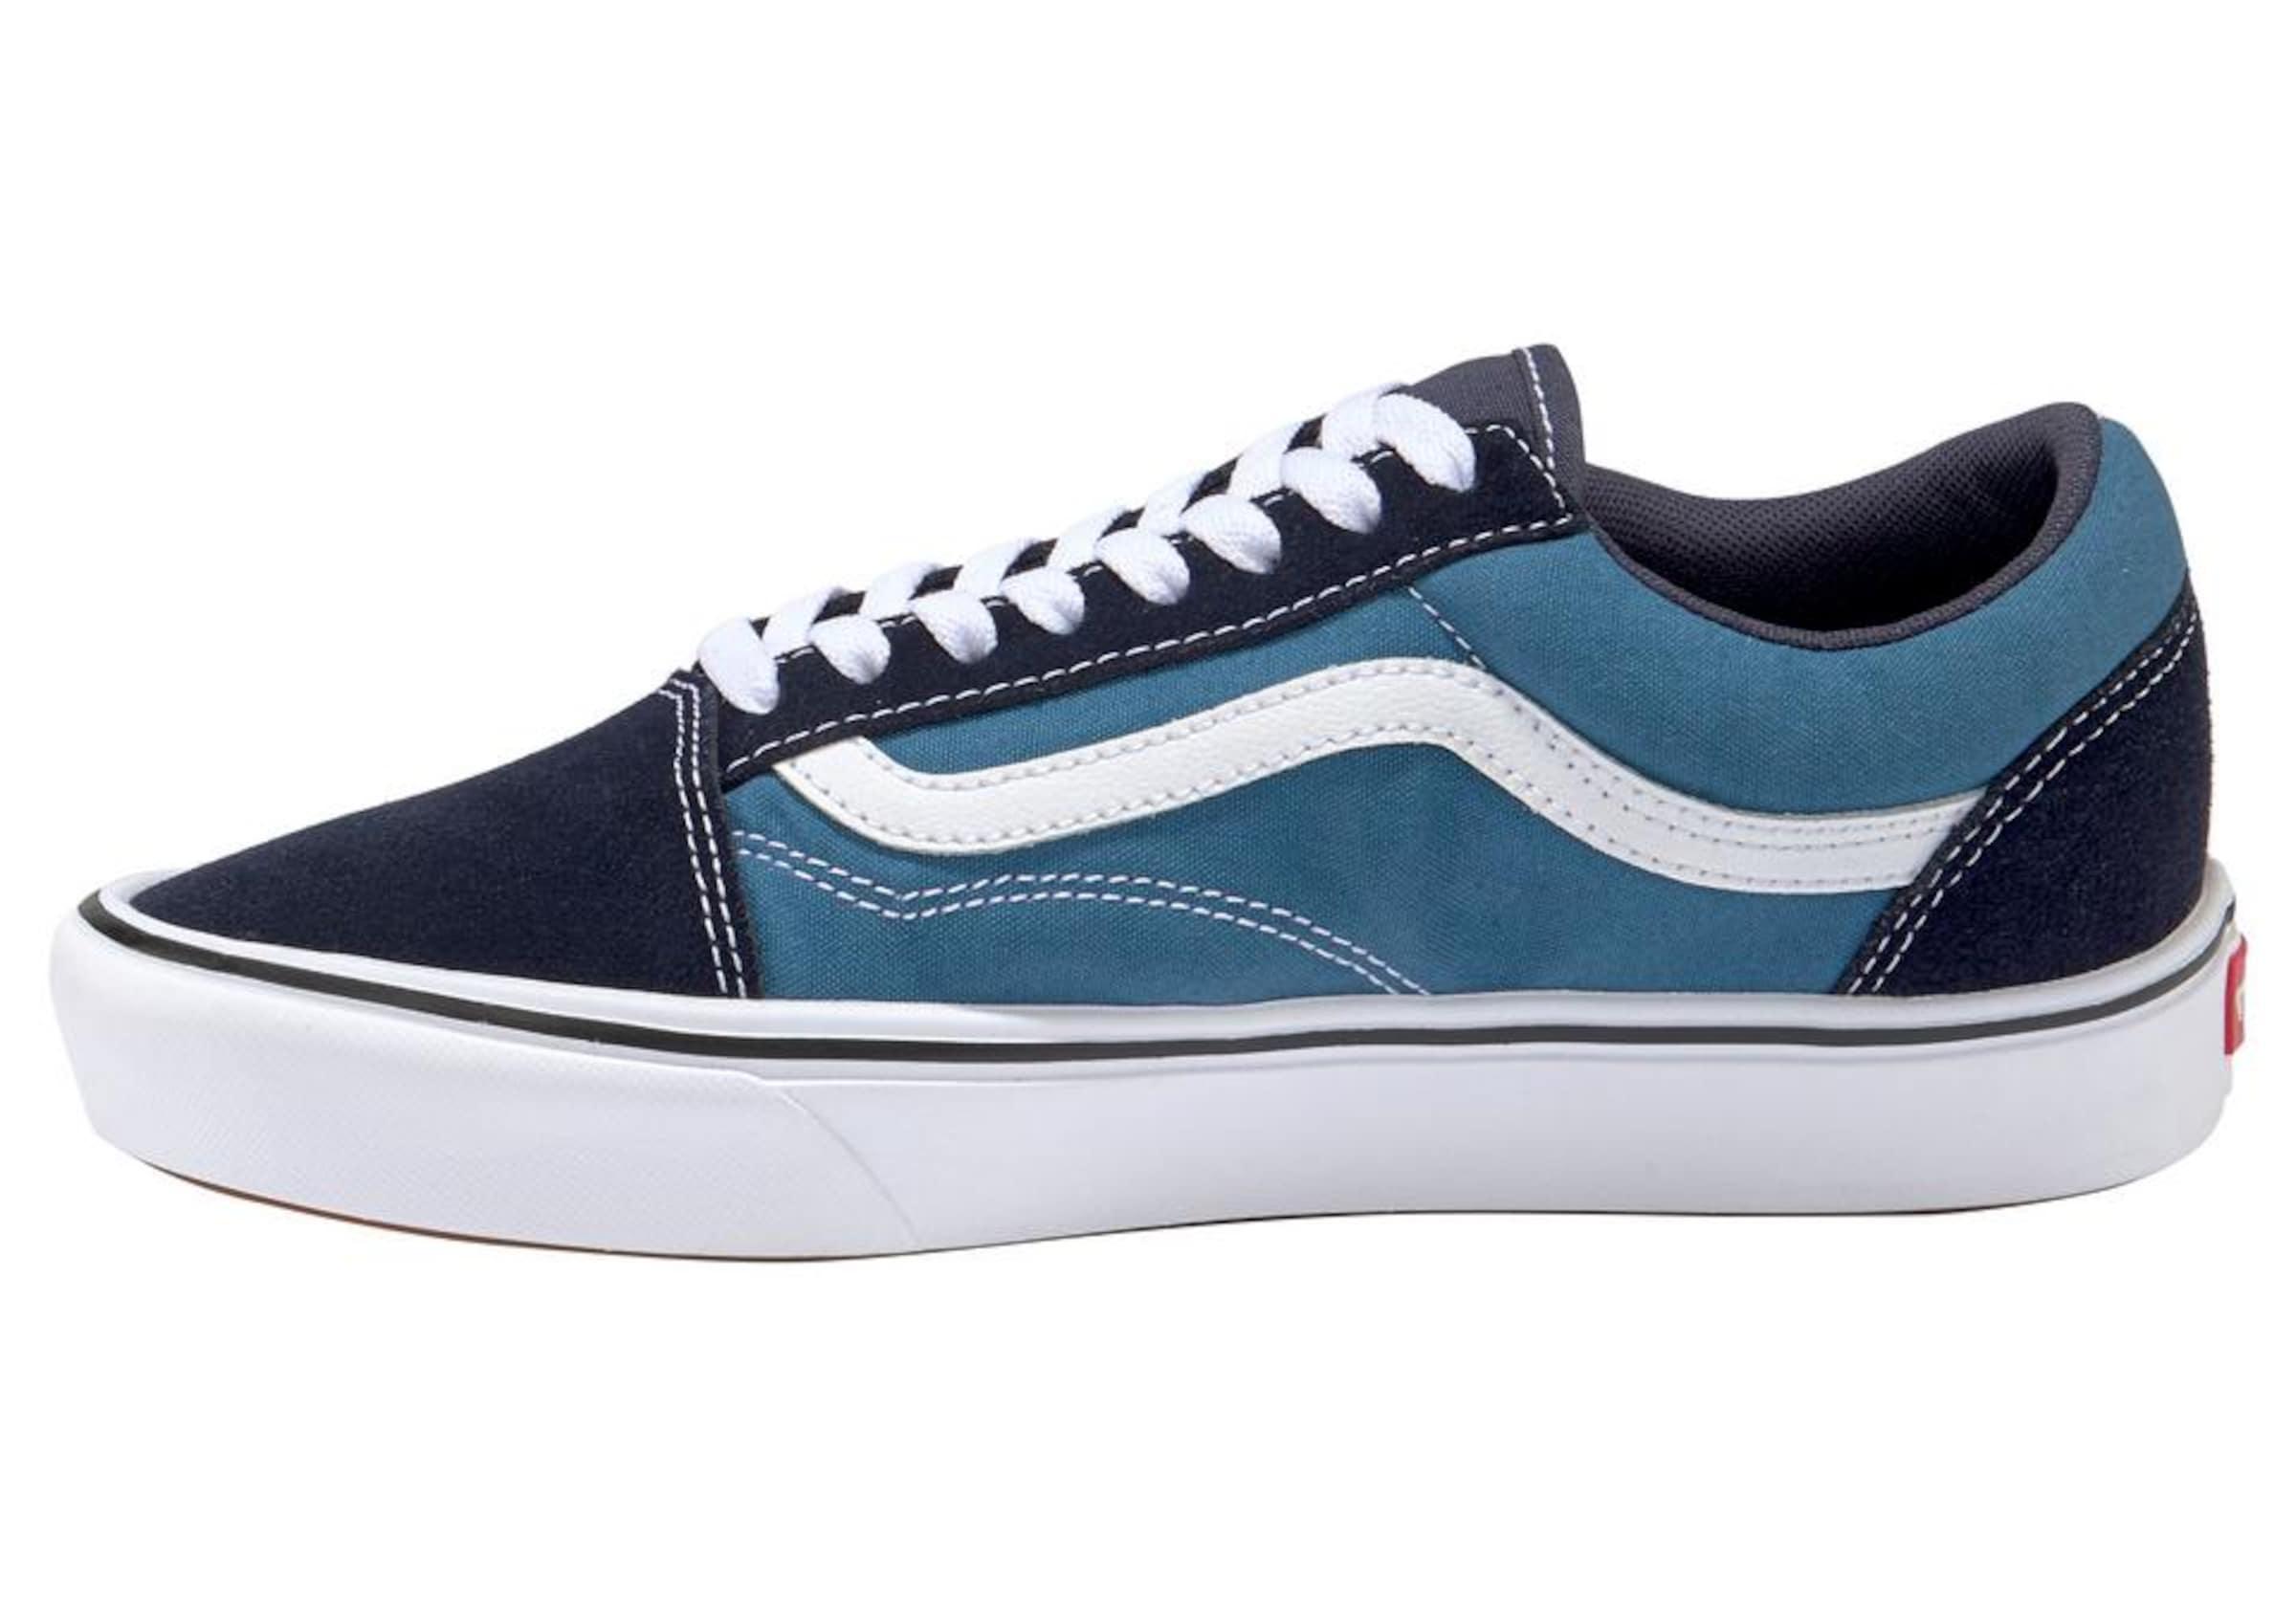 'comfy In Old Sneaker Vans Cush Skool' NachtblauHimmelblau Weiß UqSzMVp